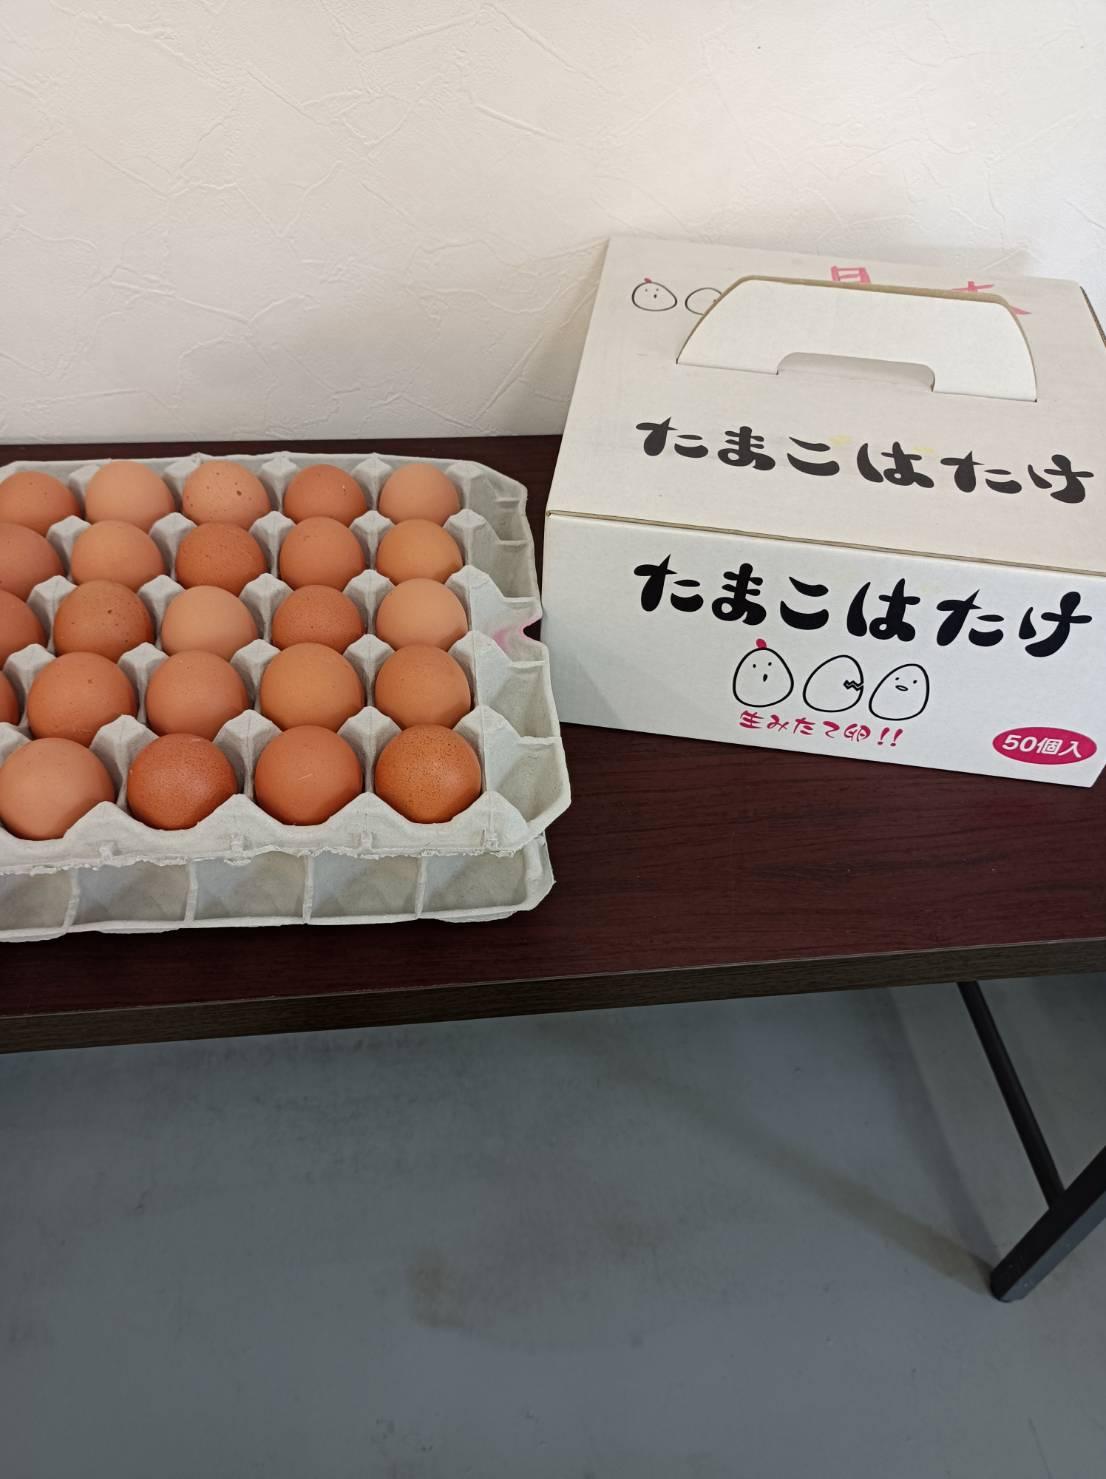 たまごばたけ 希少な平飼い卵 50個入り